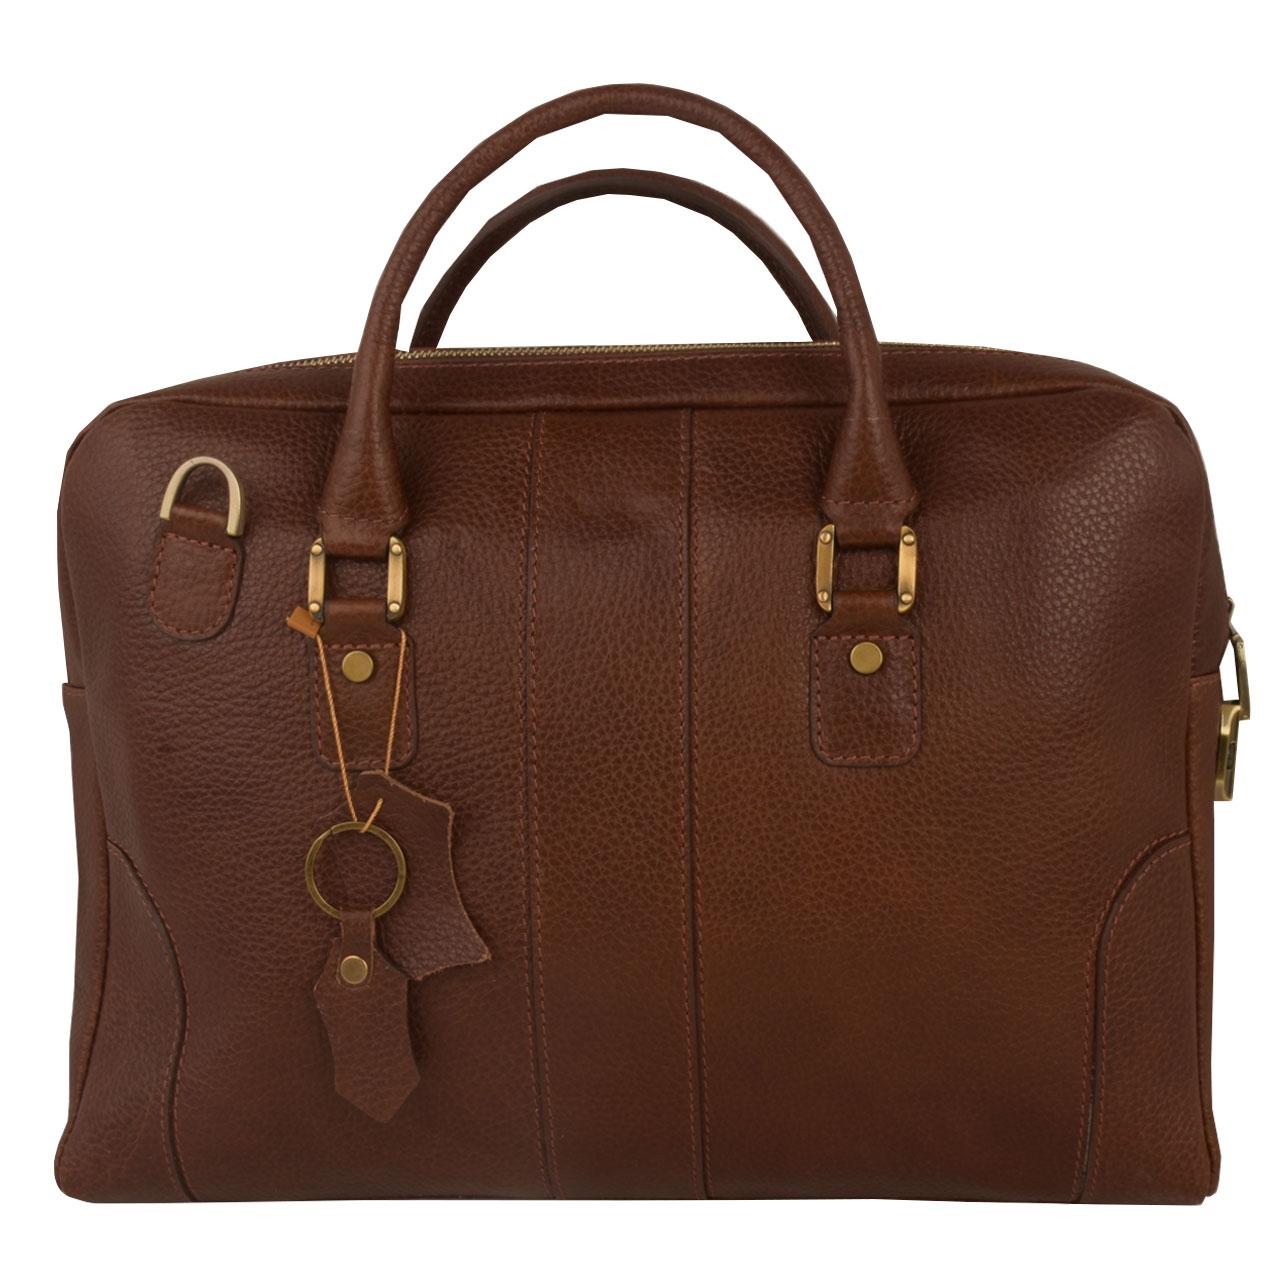 کیف اداری زنانه کهن چرم مدل L155-7